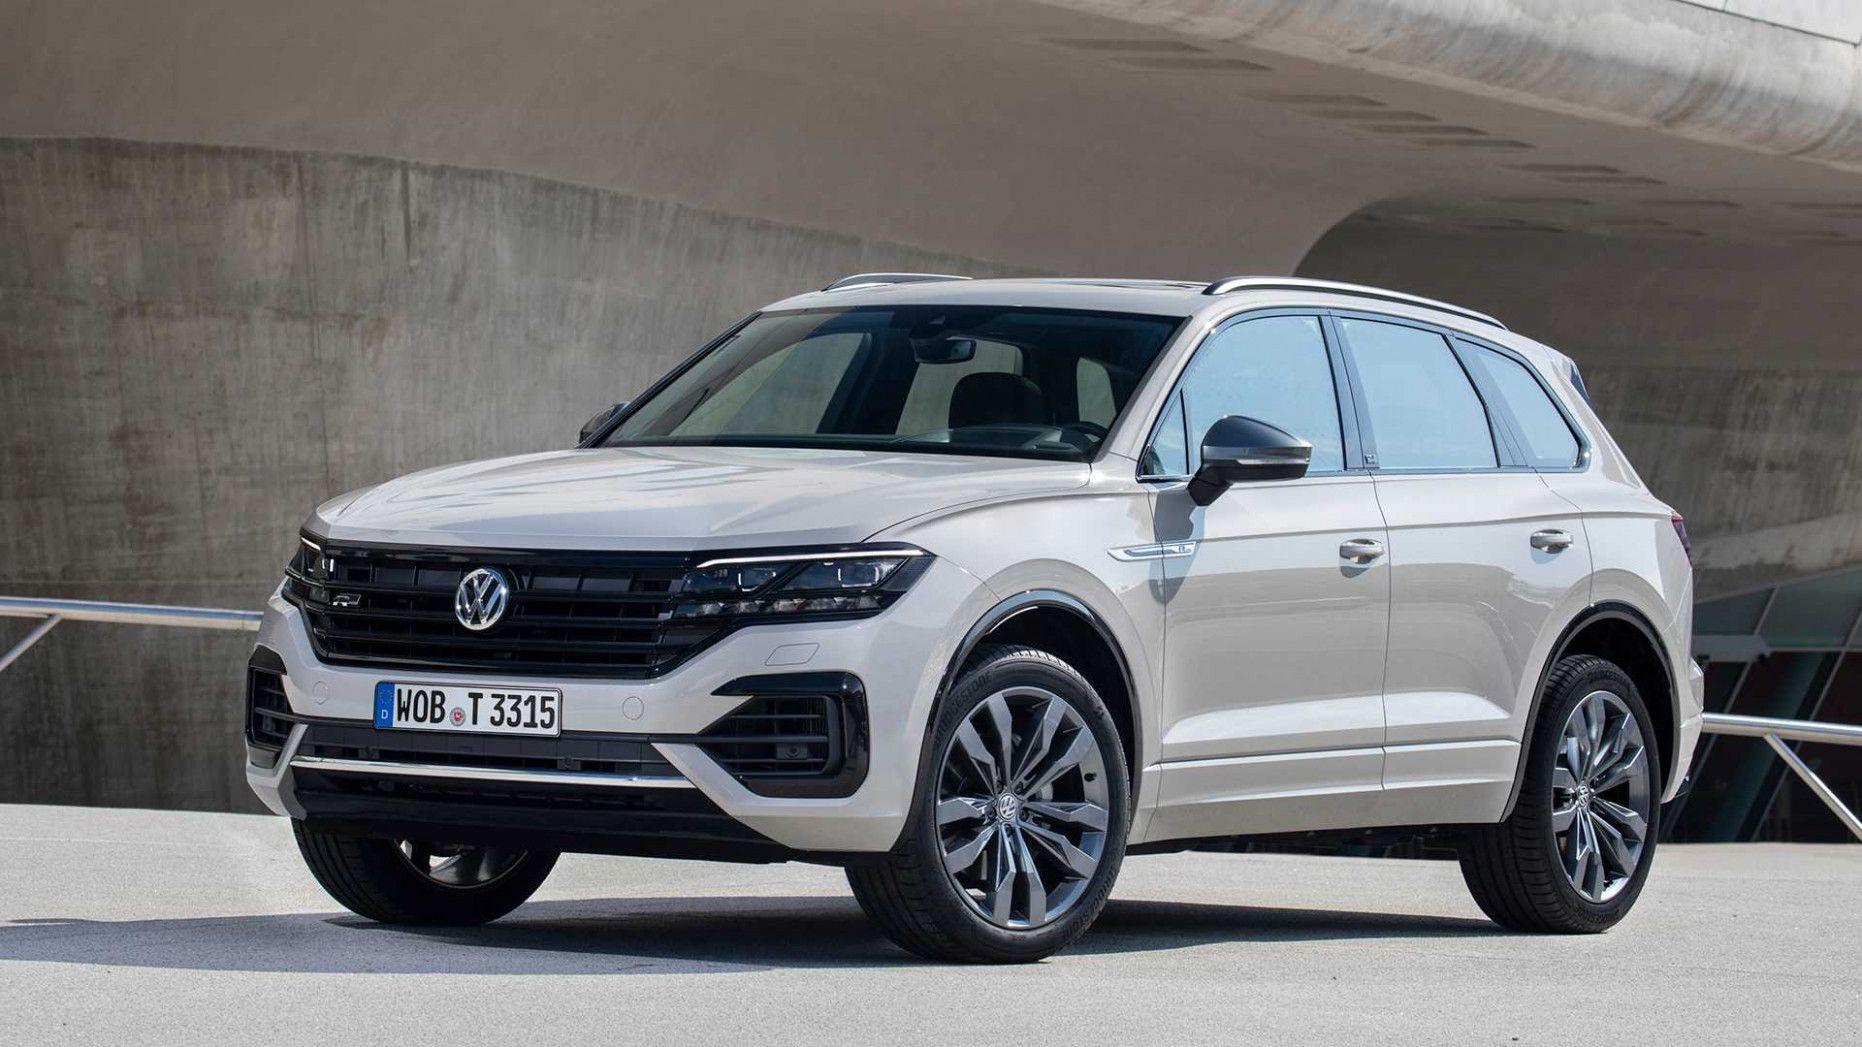 7 Picture Volkswagen Hybrid 2020 In 2020 Volkswagen Touareg Volkswagen Suv